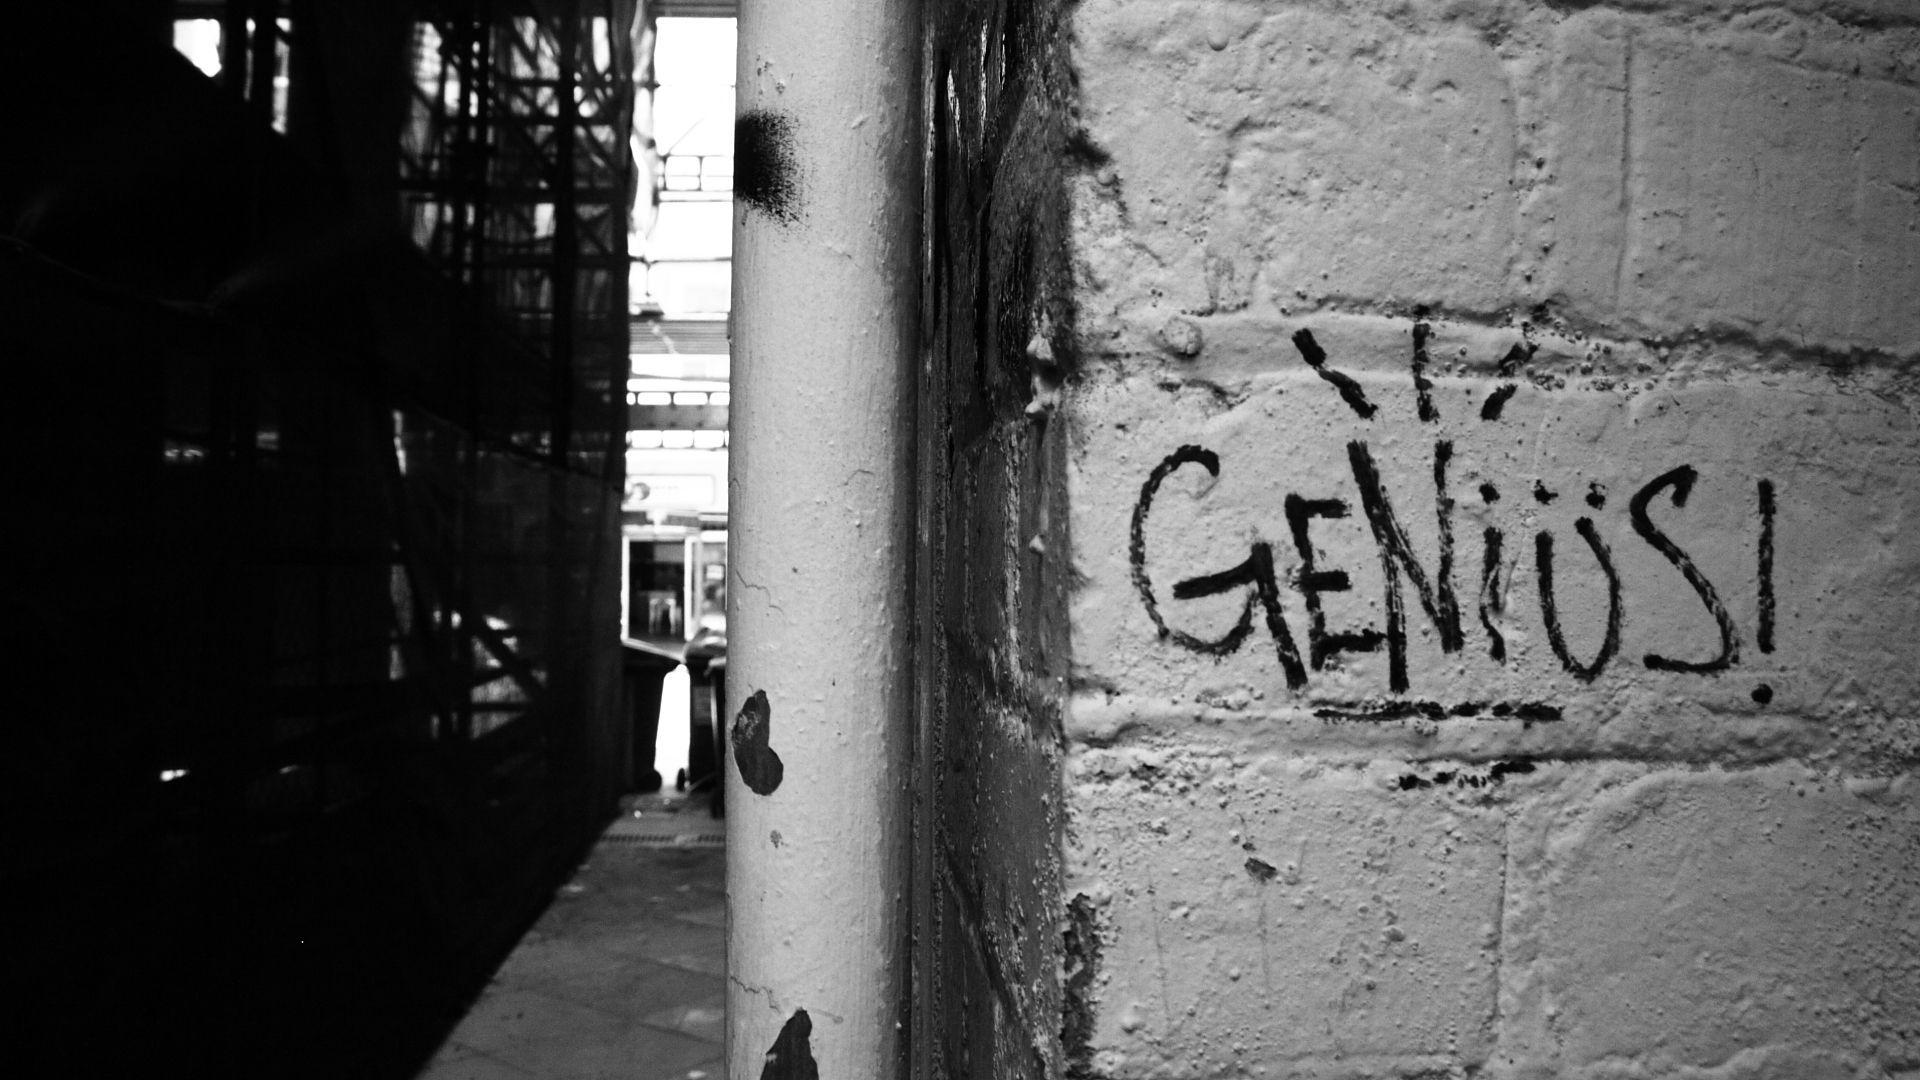 1920x1080 Hình nền nghệ thuật đường phố đô thị Hình nền nghệ thuật đường phố - Bdfjade